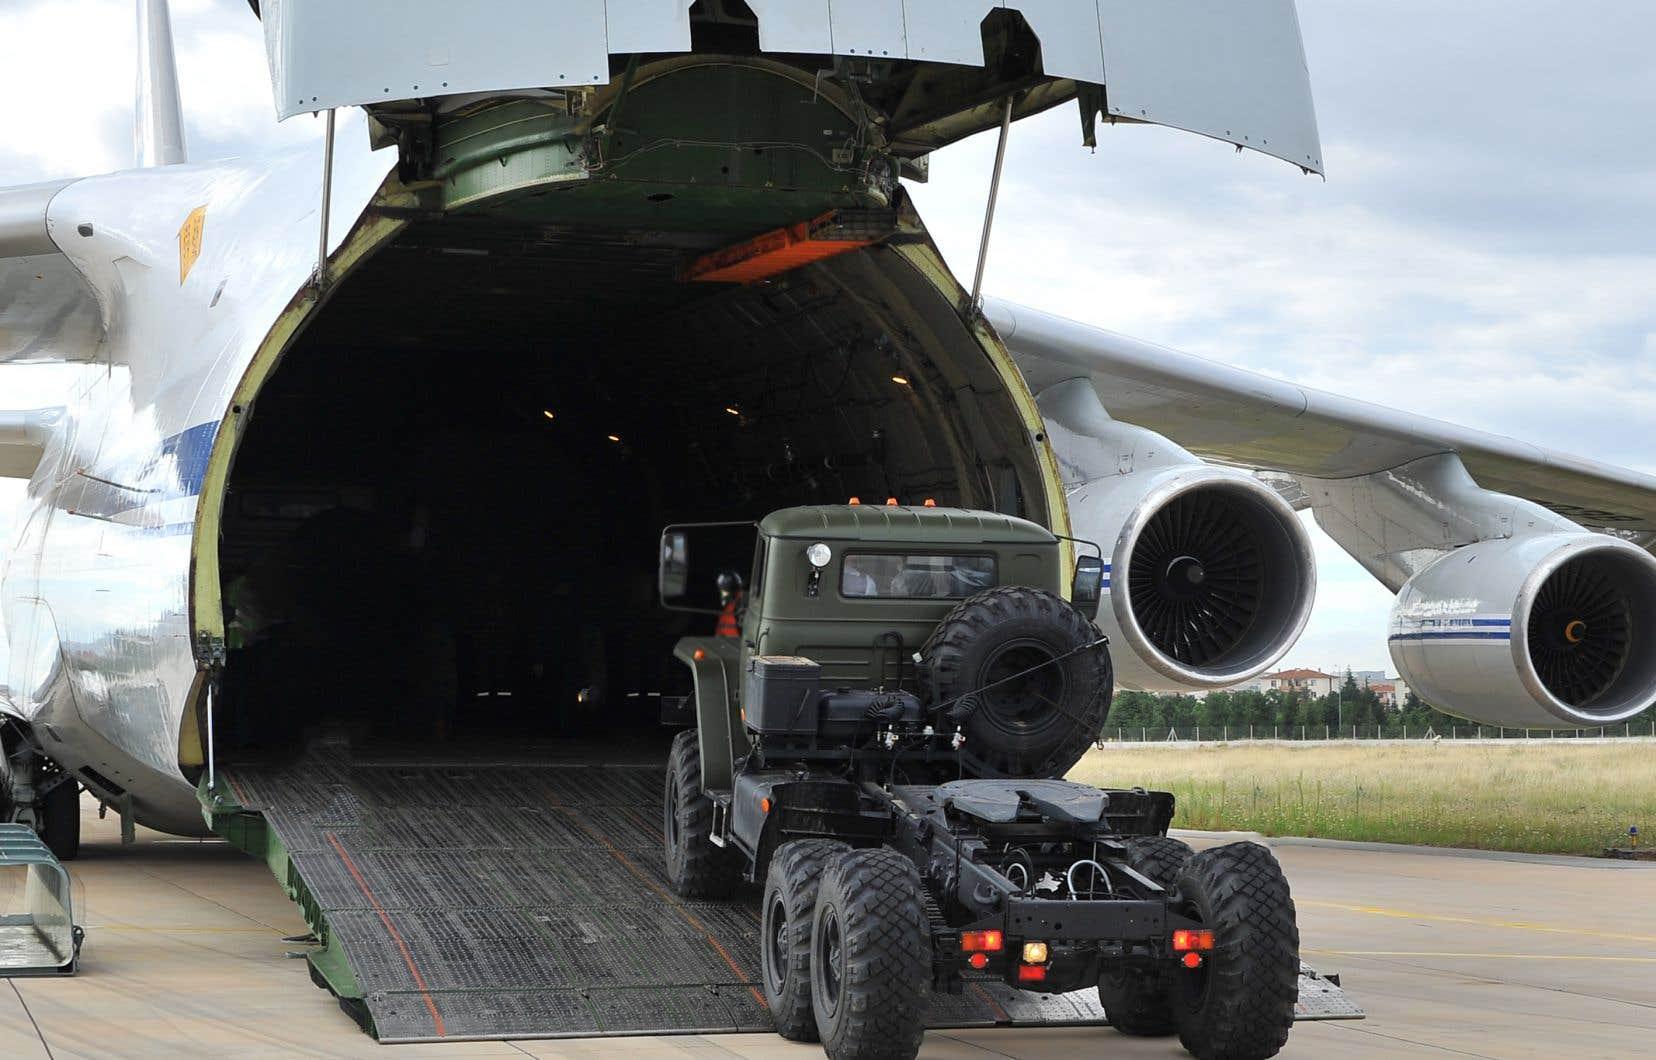 Un avion cargo, transportant le système de défense antimissile S-400 en provenance de Russie, lors de son déchargement à la base aérienne militaire Murted (également connue sous le nom de base aérienne militaire Akincilar) à Ankara.